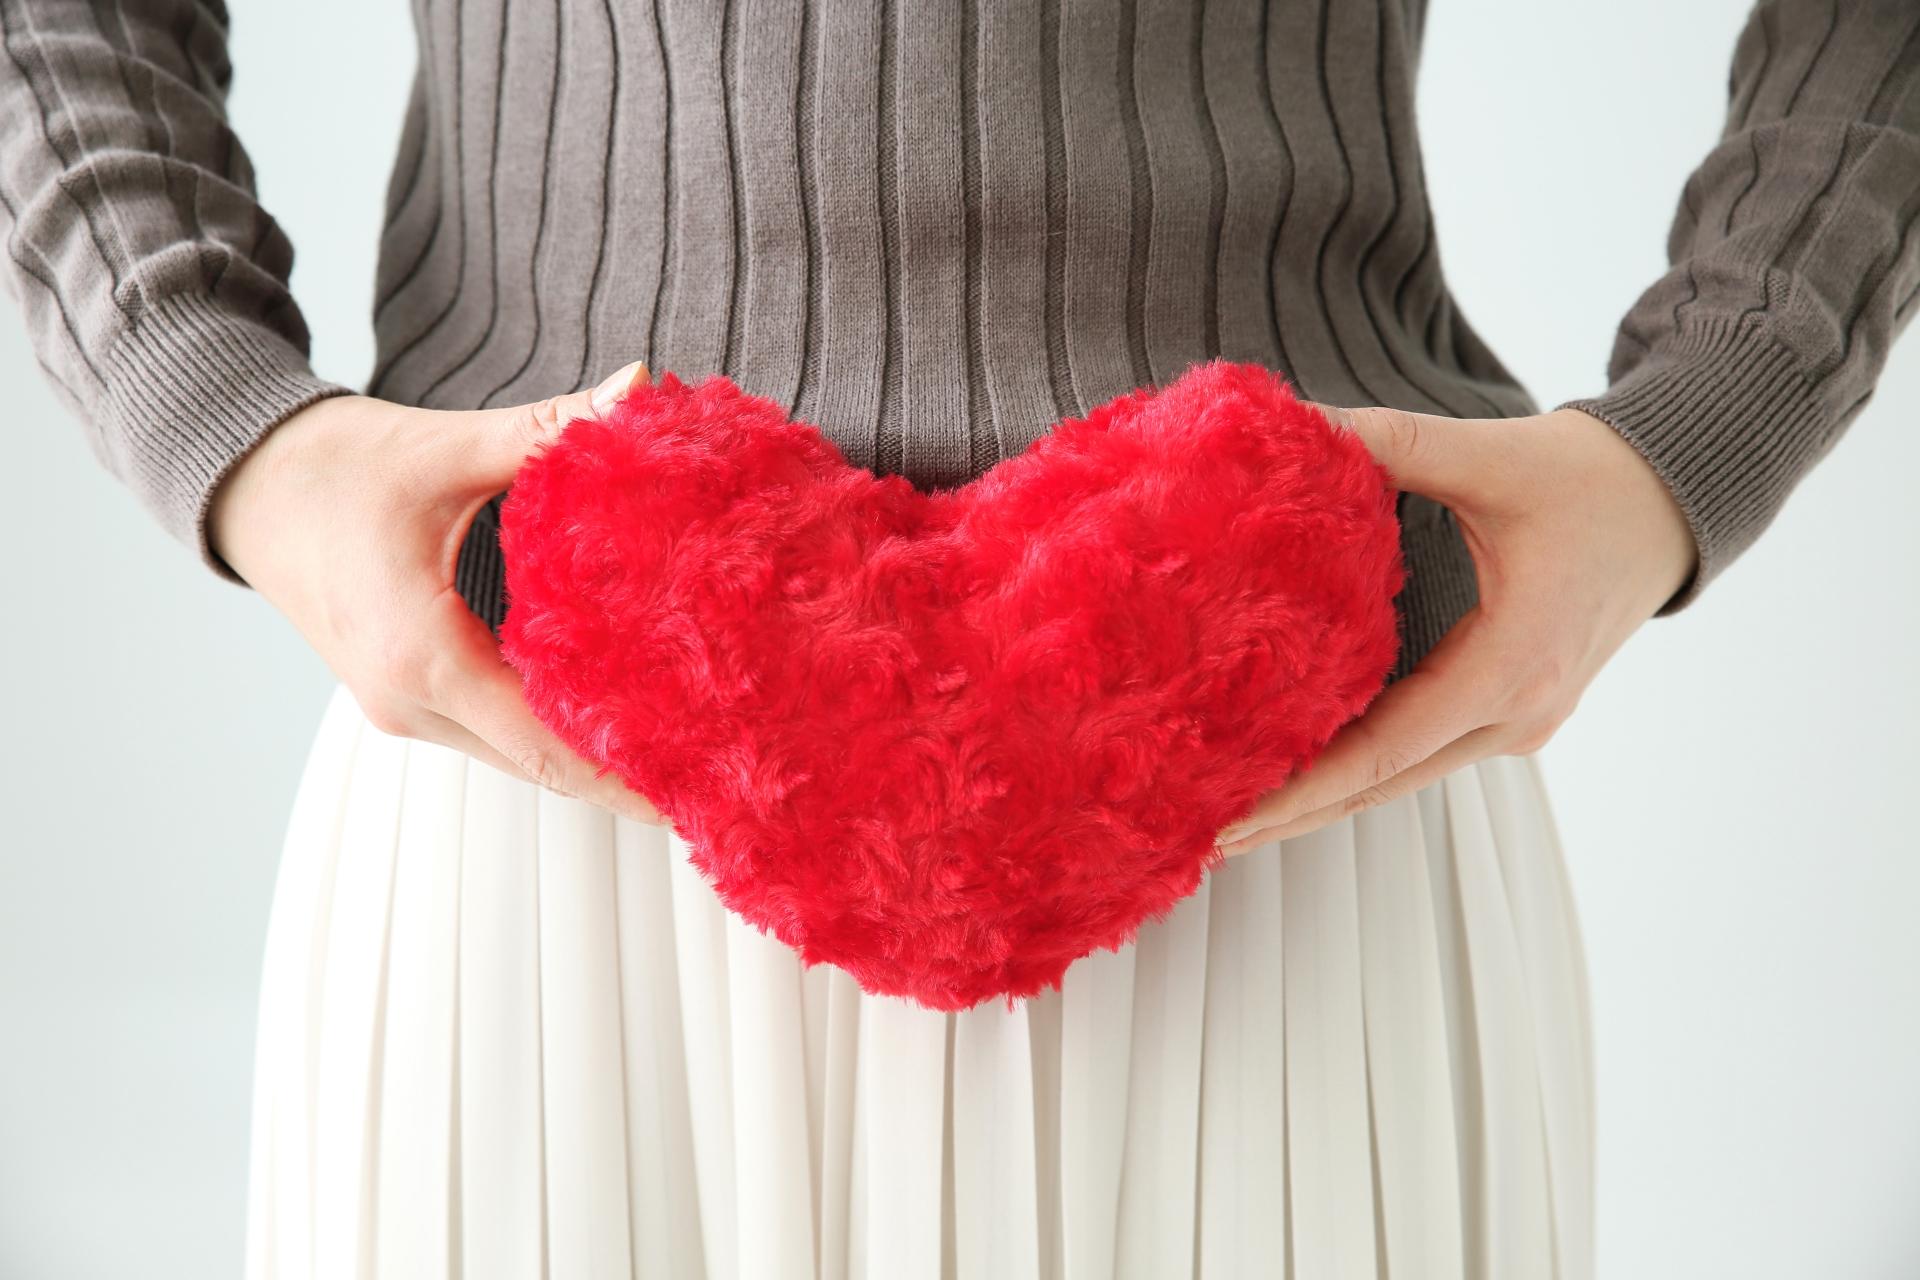 流産後の妊活について